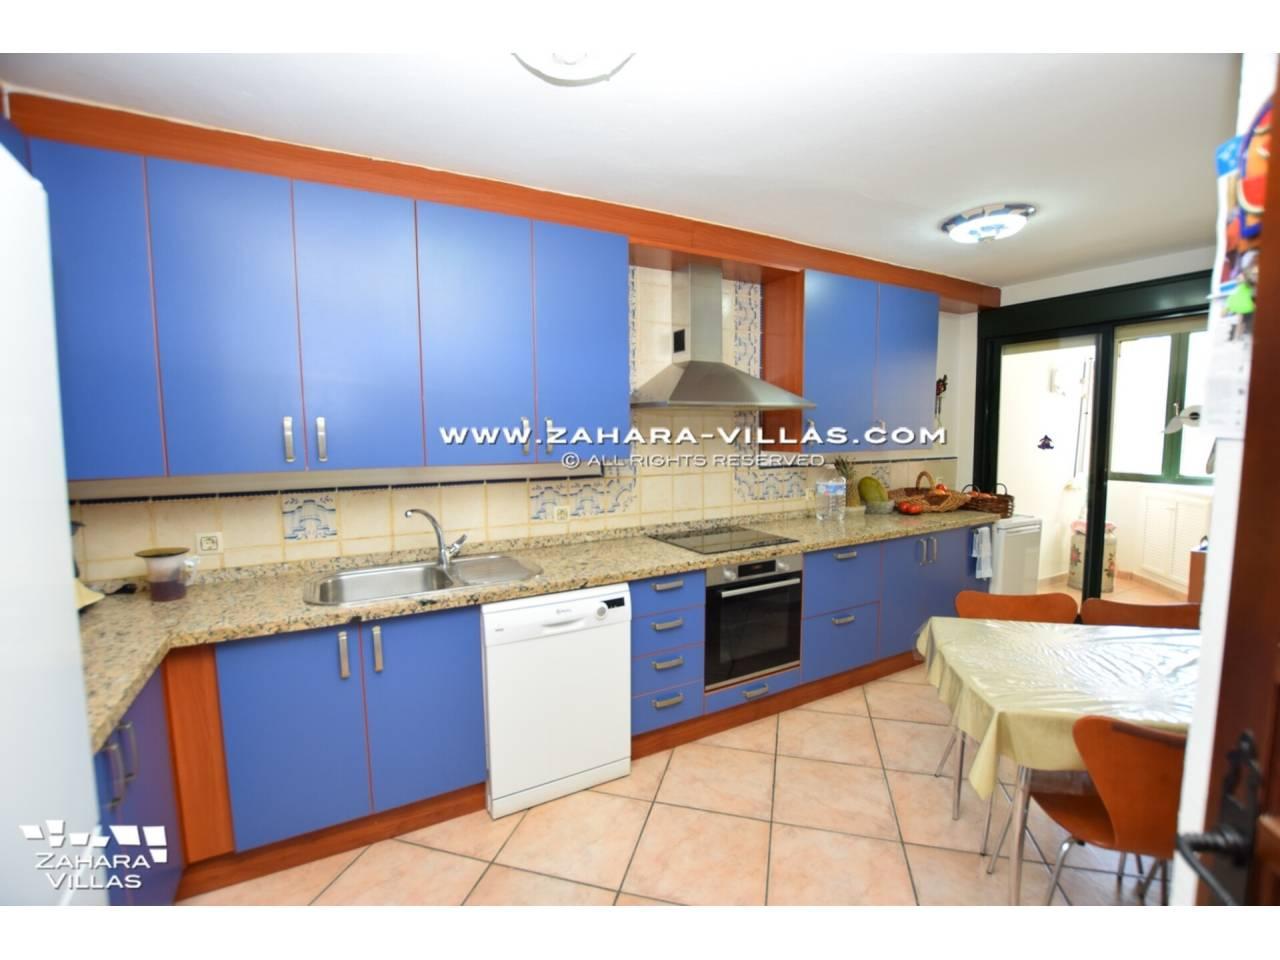 Imagen 11 de Apartamento en venta en urbanización Jardines de Zahara - Atlanterra